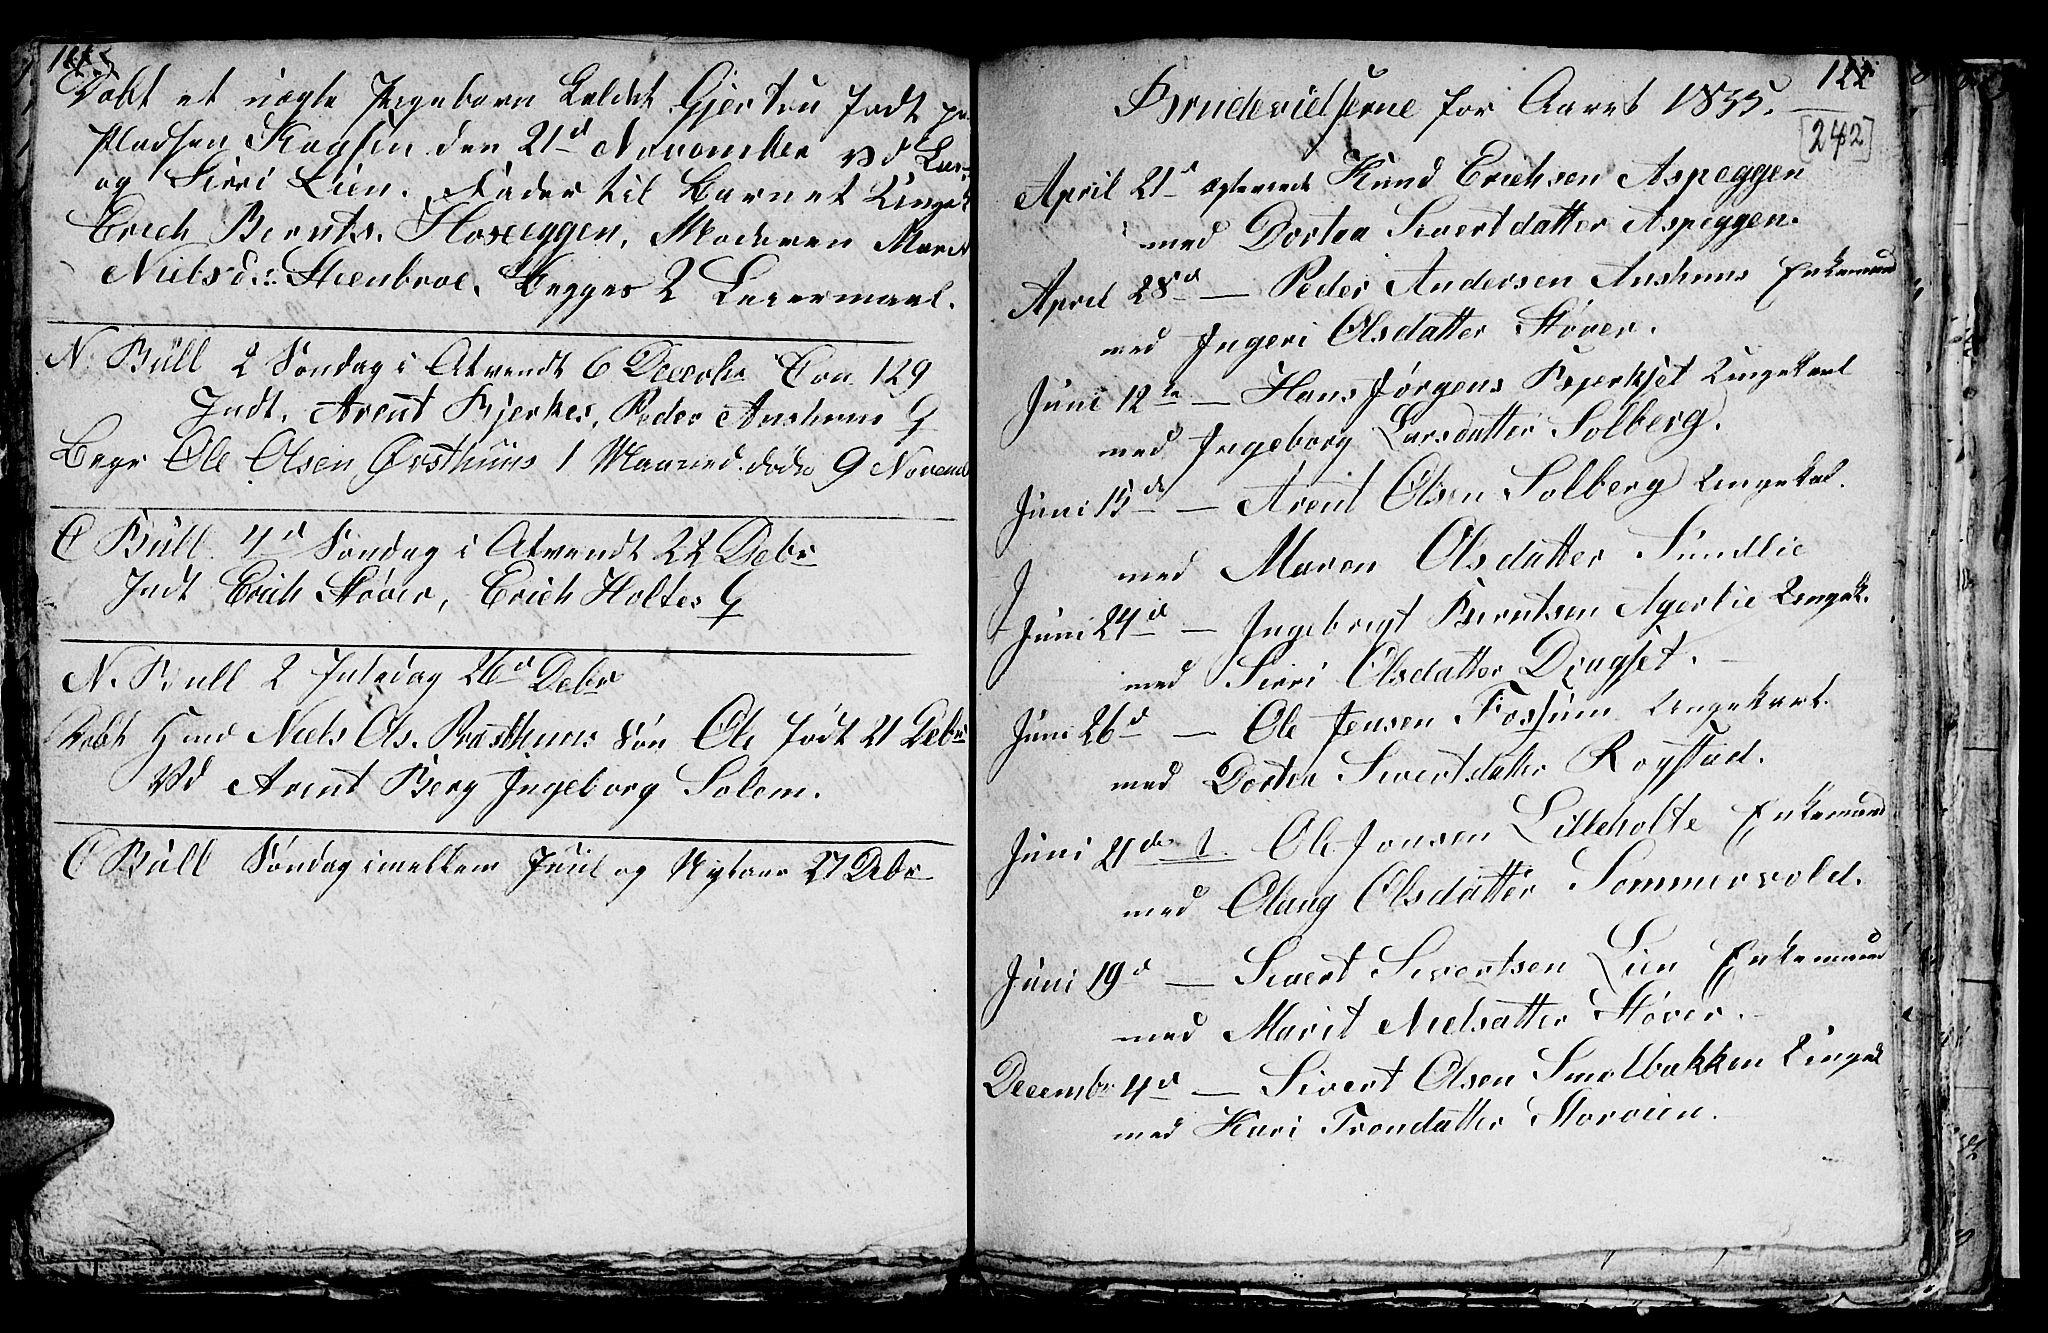 SAT, Ministerialprotokoller, klokkerbøker og fødselsregistre - Sør-Trøndelag, 689/L1042: Klokkerbok nr. 689C01, 1812-1841, s. 241-242